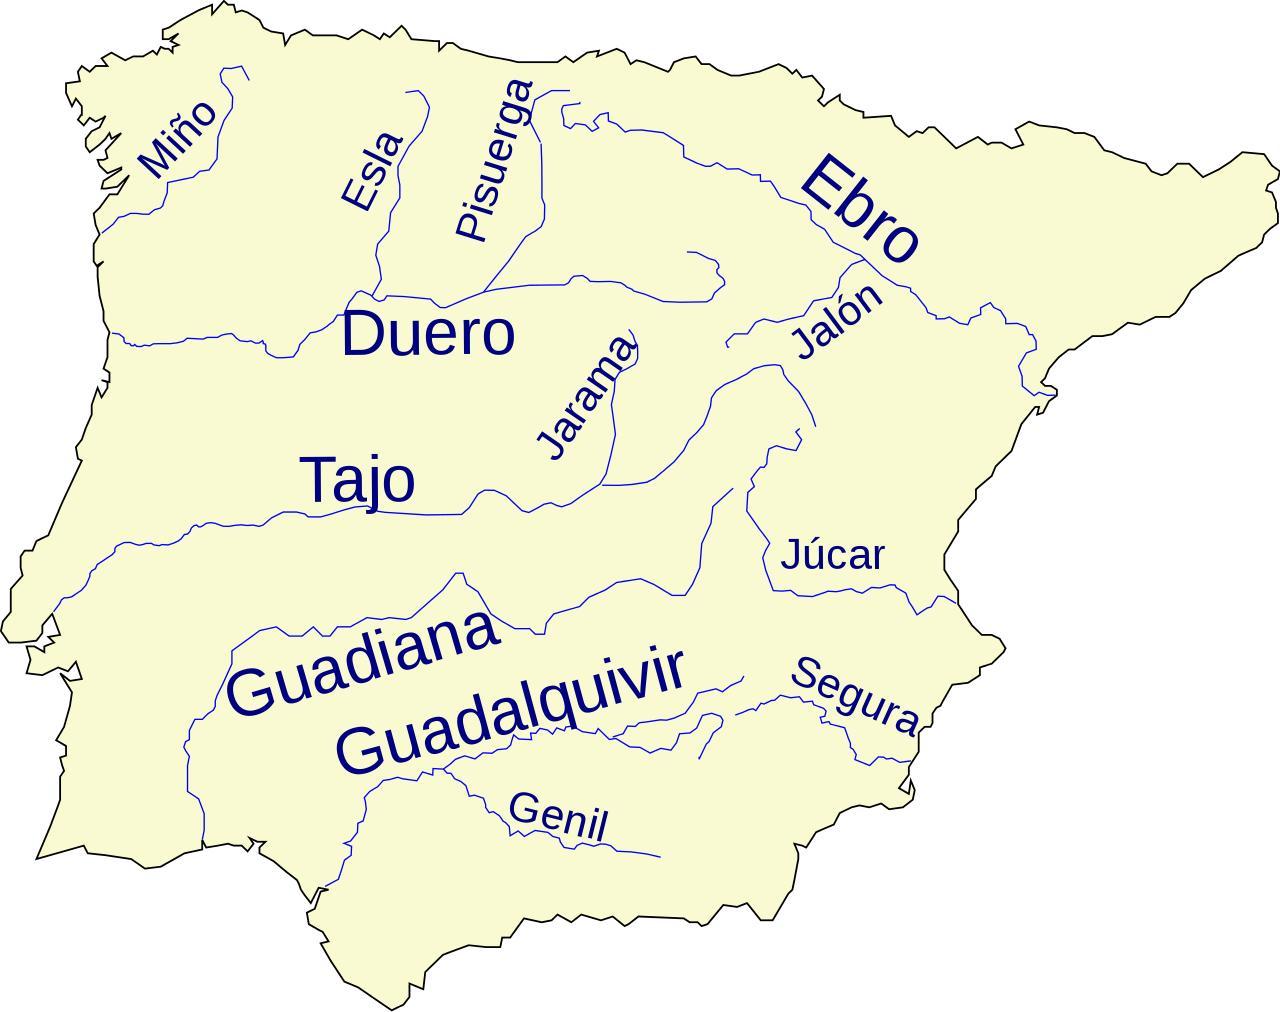 Rios De Espanha Mapa De Espanha Do Rio De Mapa Sul Da Europa